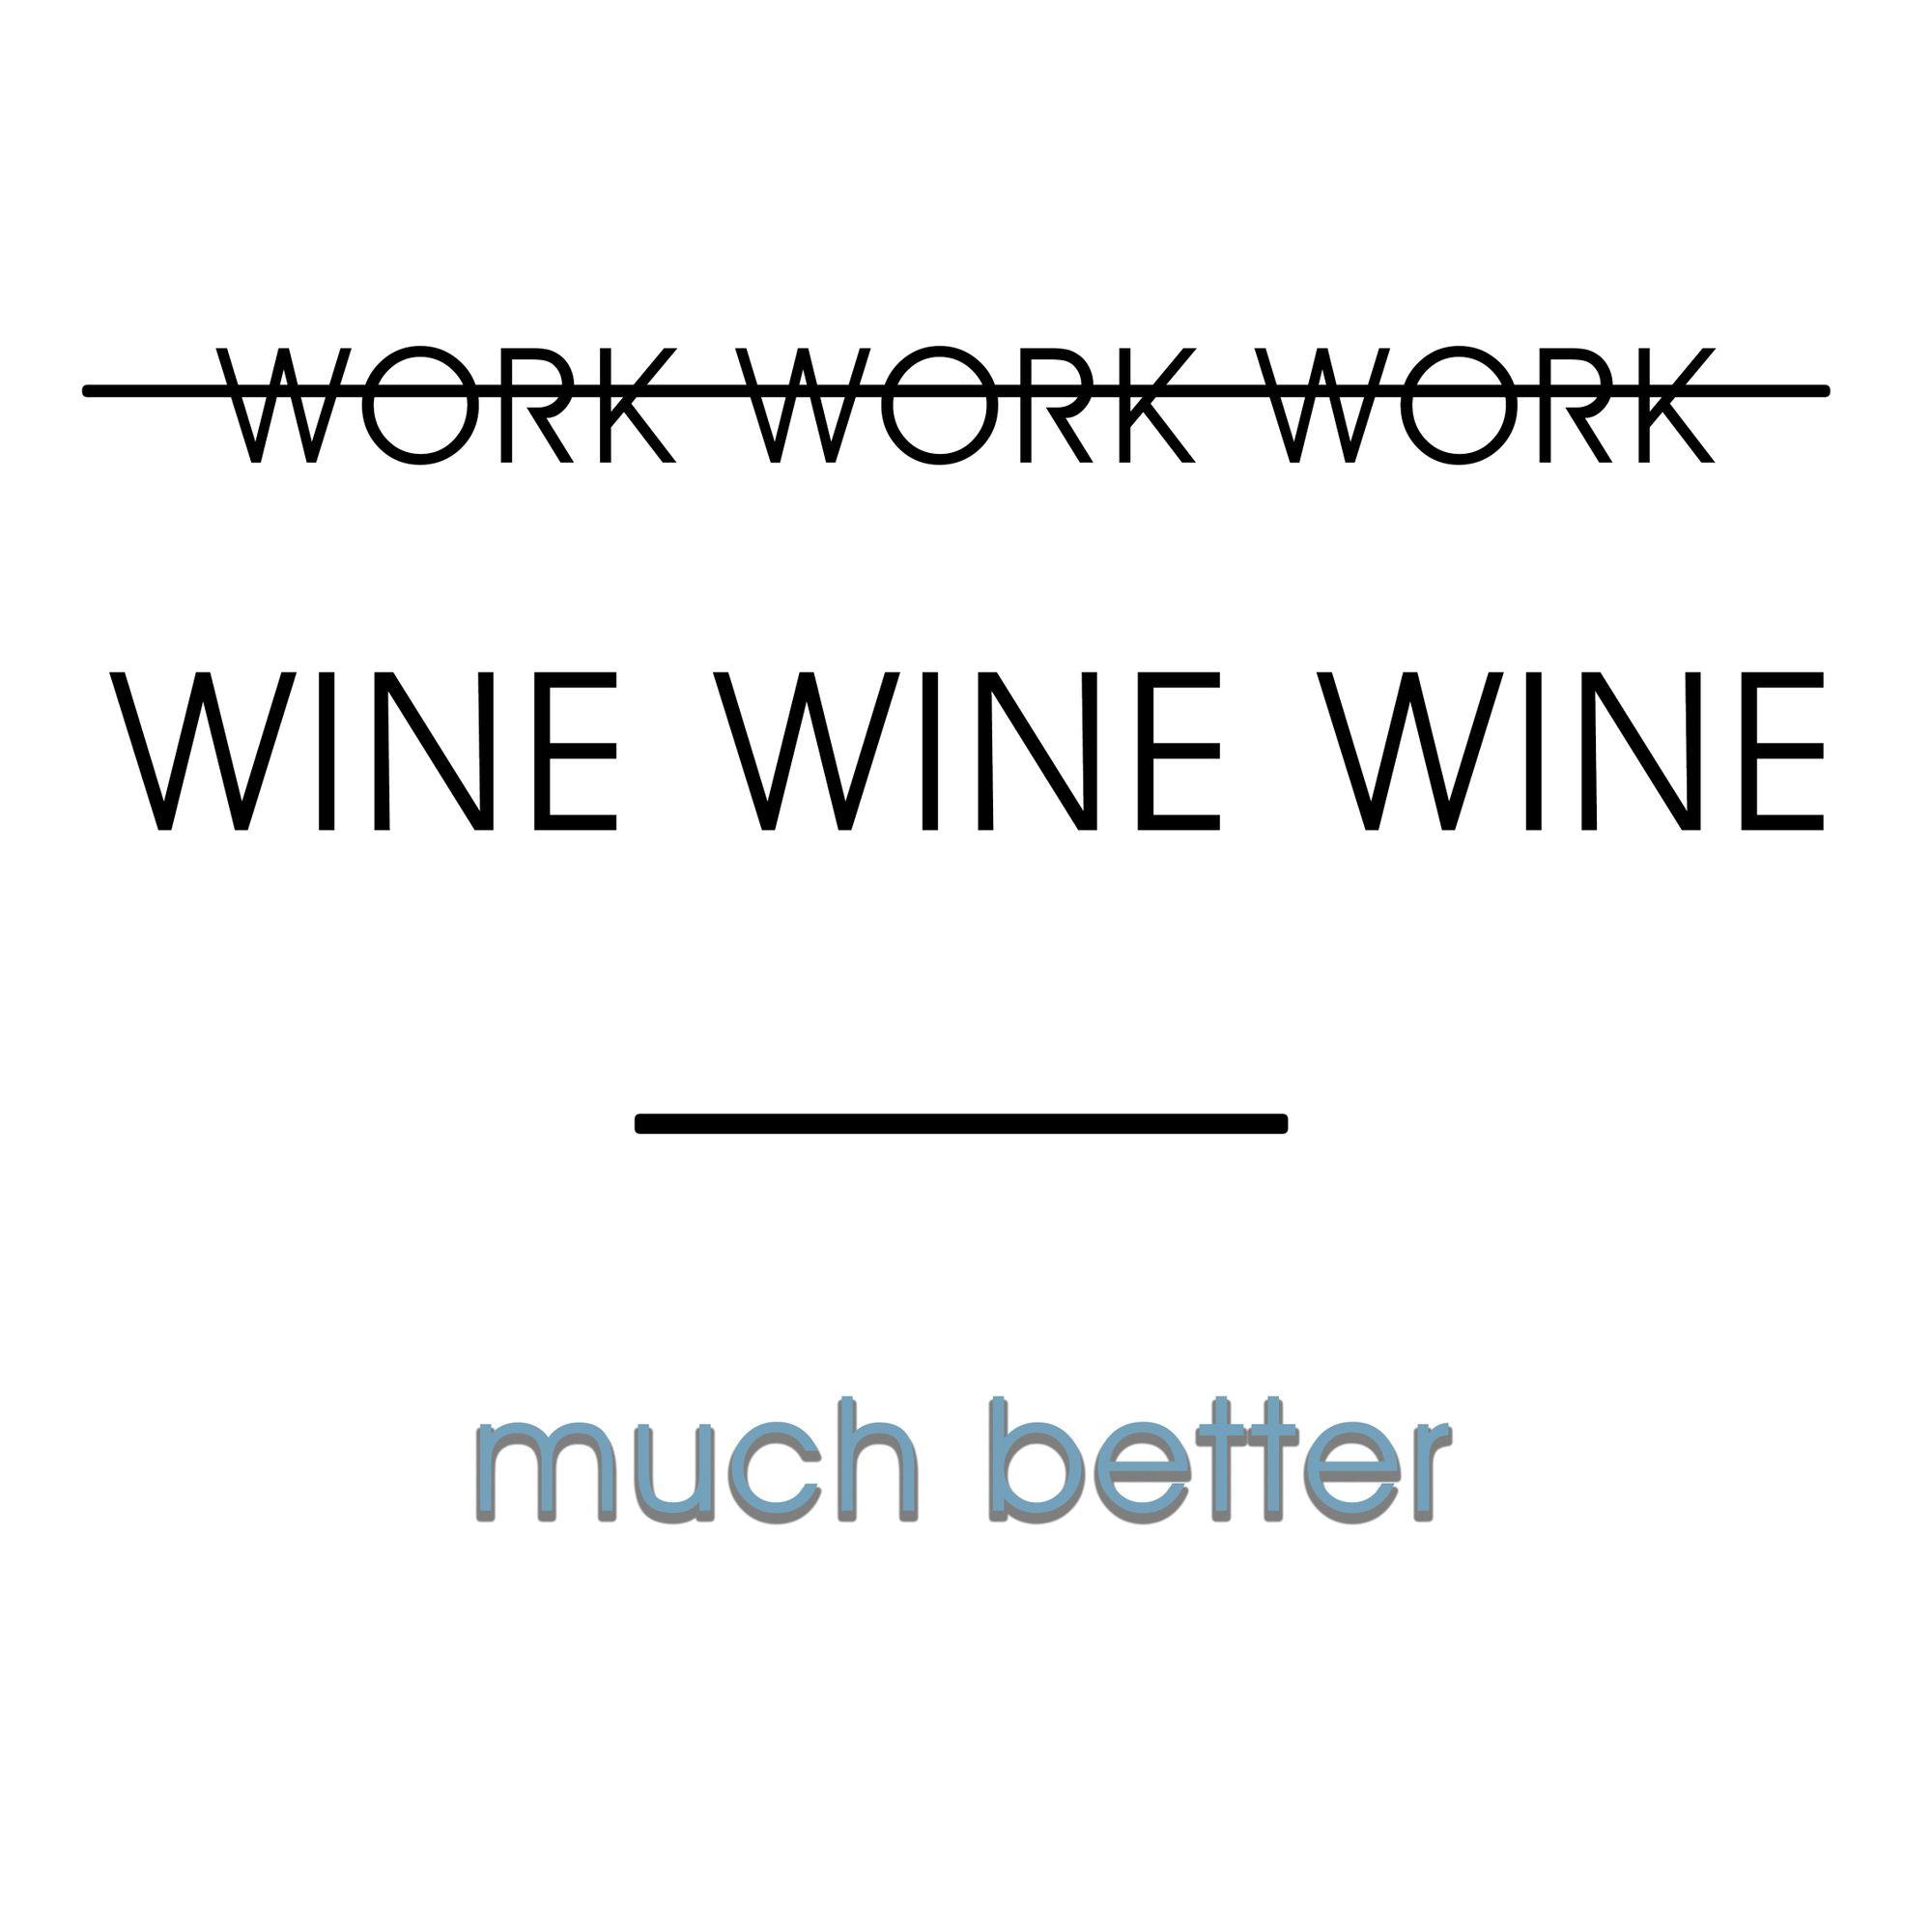 Pin by CapaBunga on Fun Wine Times Wine time, Wine